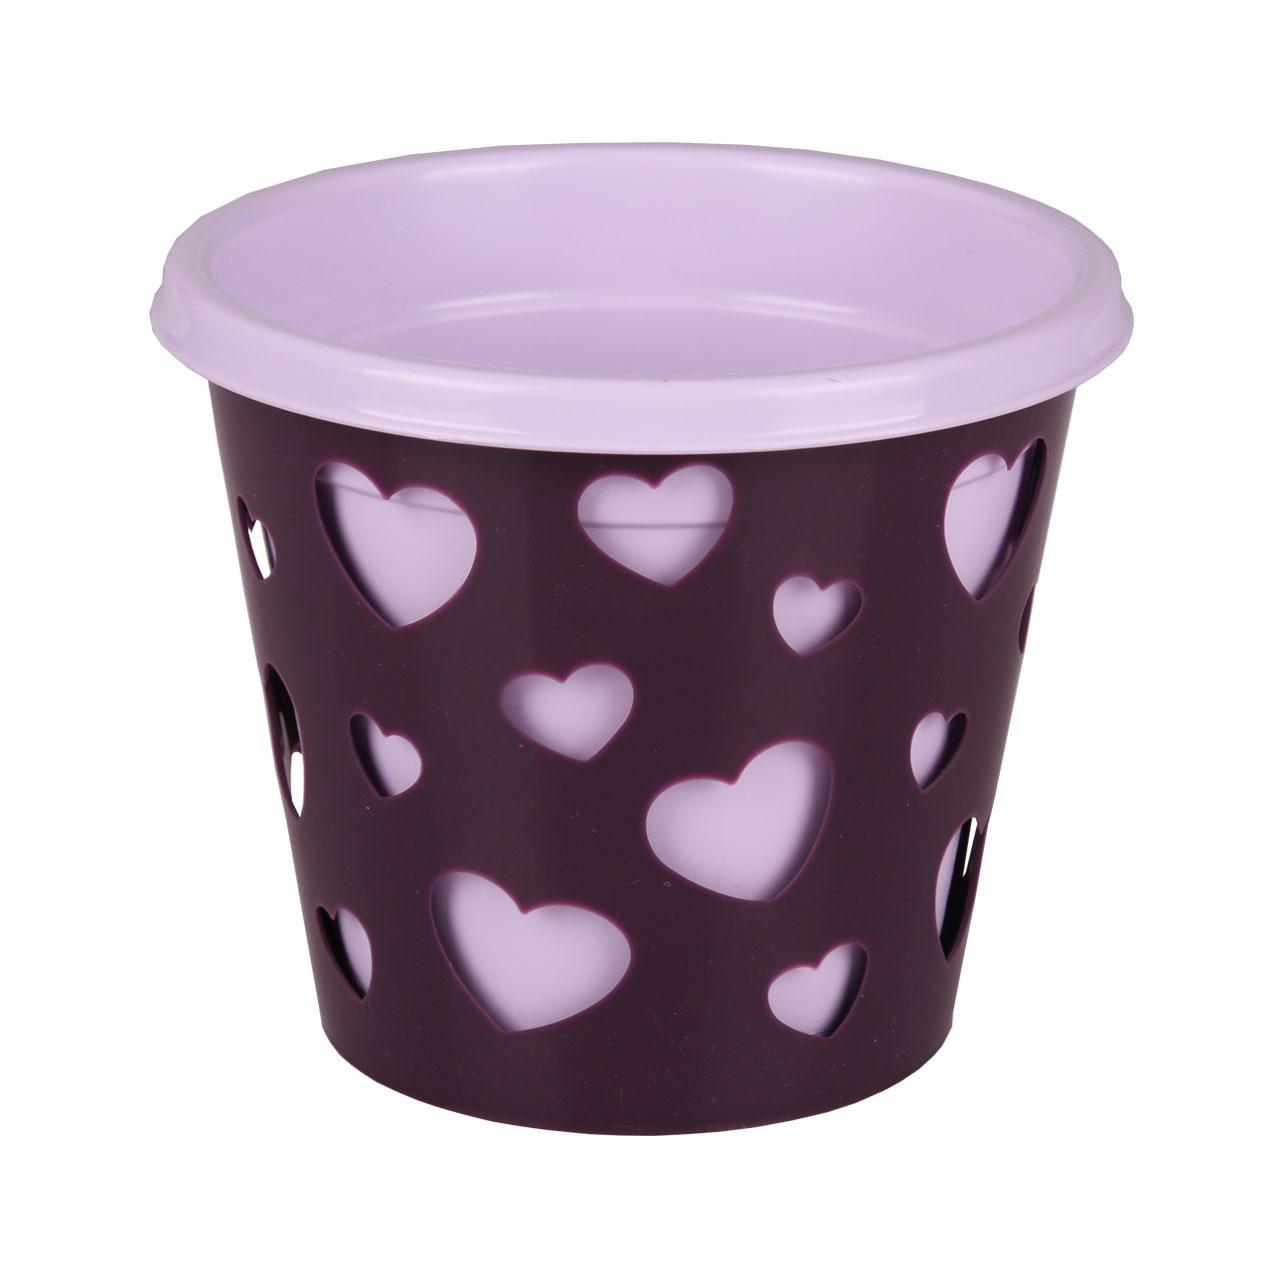 Горшок-кашпо Альтернатива Валентинка, со вставкой, цвет: светло-сиреневый, фиолетовый, 1 лМ4628Горшок-кашпо Альтернатива Валентинка выполнен из высококачественного пластика. Стенки изделия декорированы перфорацией в виде сердец разного размера. В комплекте пластиковая вставка, которая вставляется в горшок-кашпо. Такой горшок-кашпо прекрасно подойдет для выращивания растений и цветов в домашних условиях. Лаконичный дизайн впишется в интерьер любого помещения. Размер горшка: 14 см х 14 см х 12,5 см. Размер вставки: 14,5 см х 14,5 см х 12 см. Объем: 1 л.